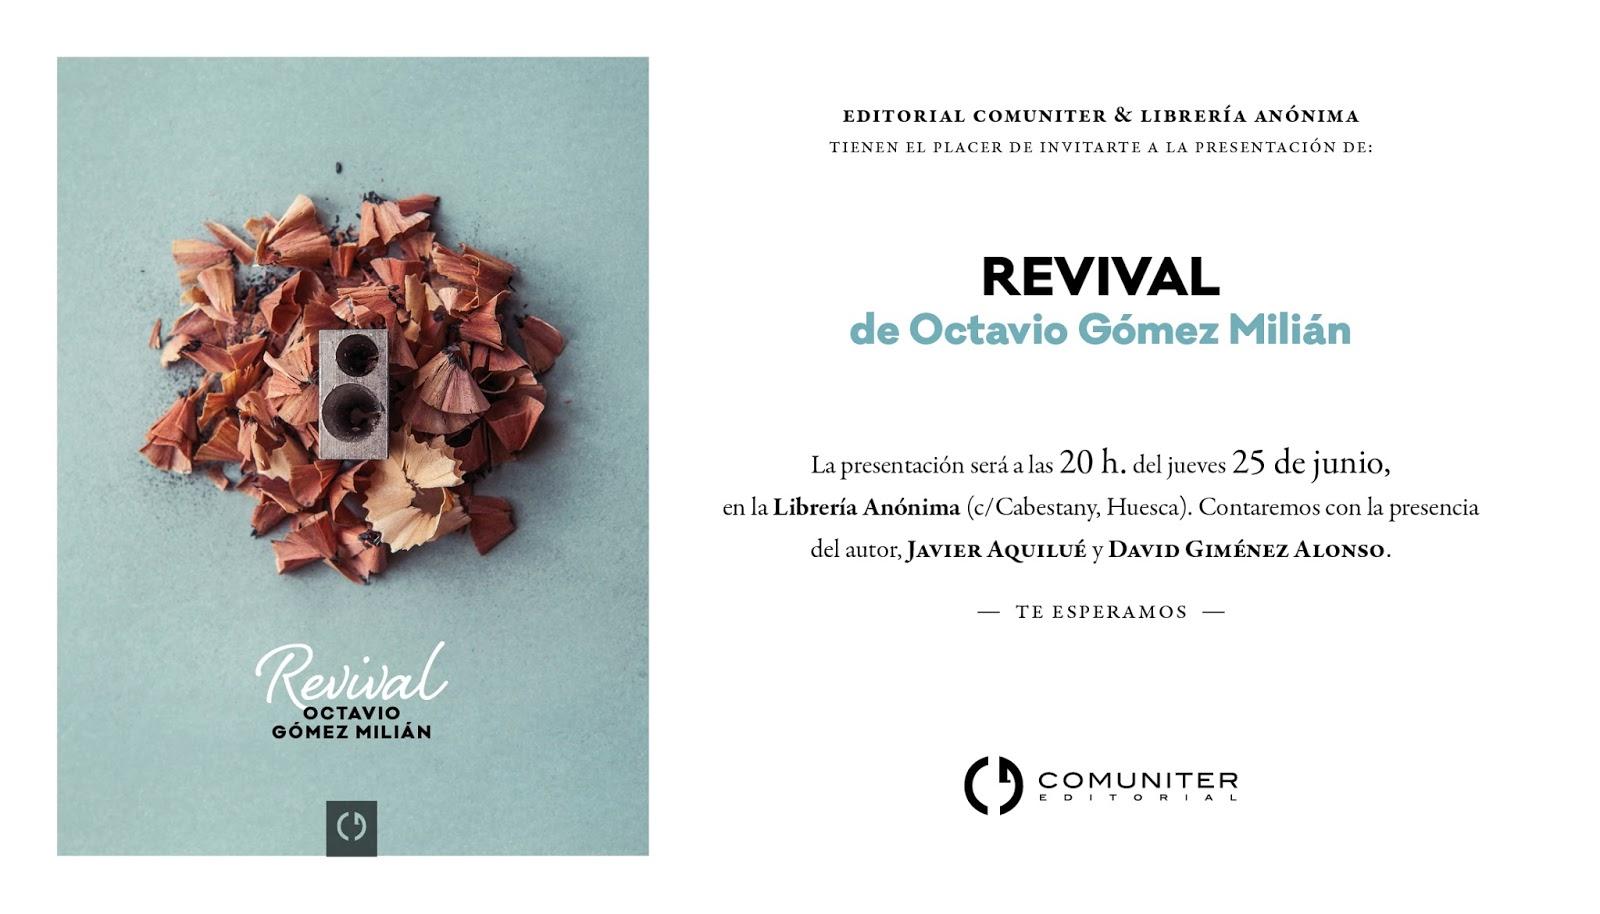 Revival en Huesca